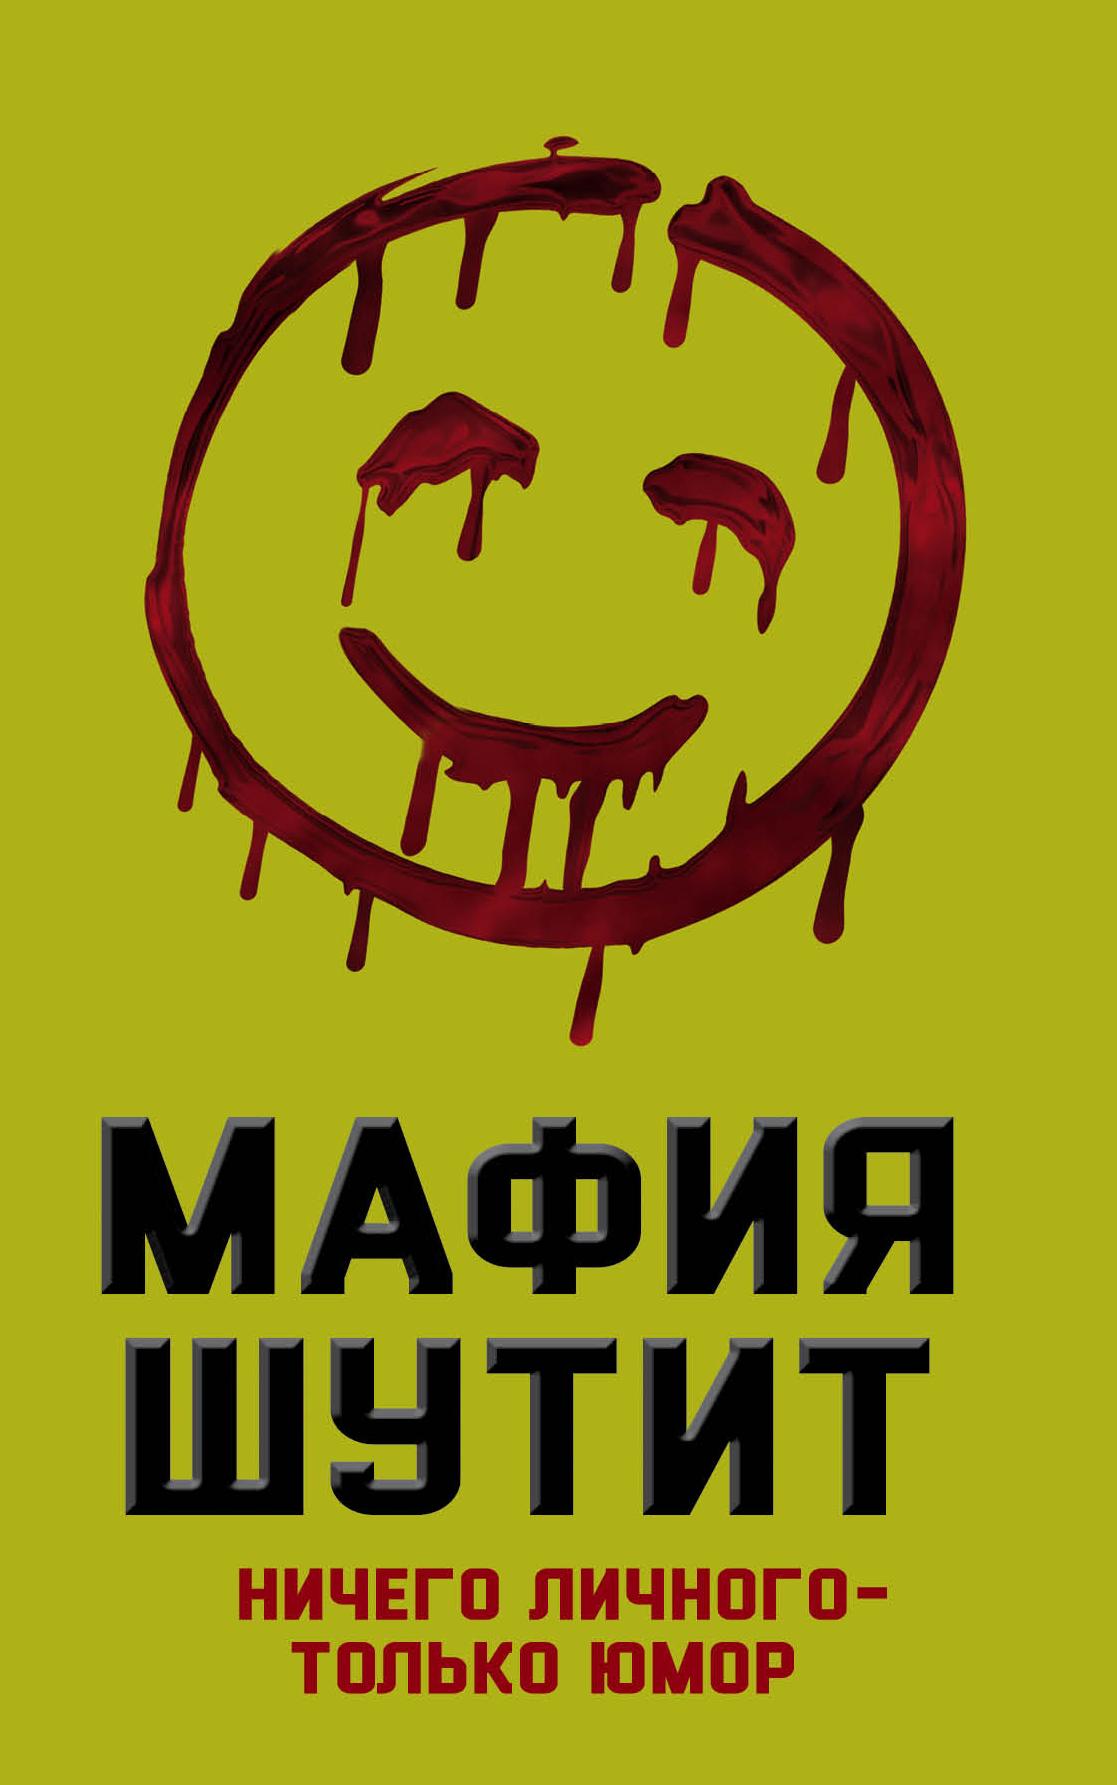 Мафия Шутит. Ничего личного – только юмор